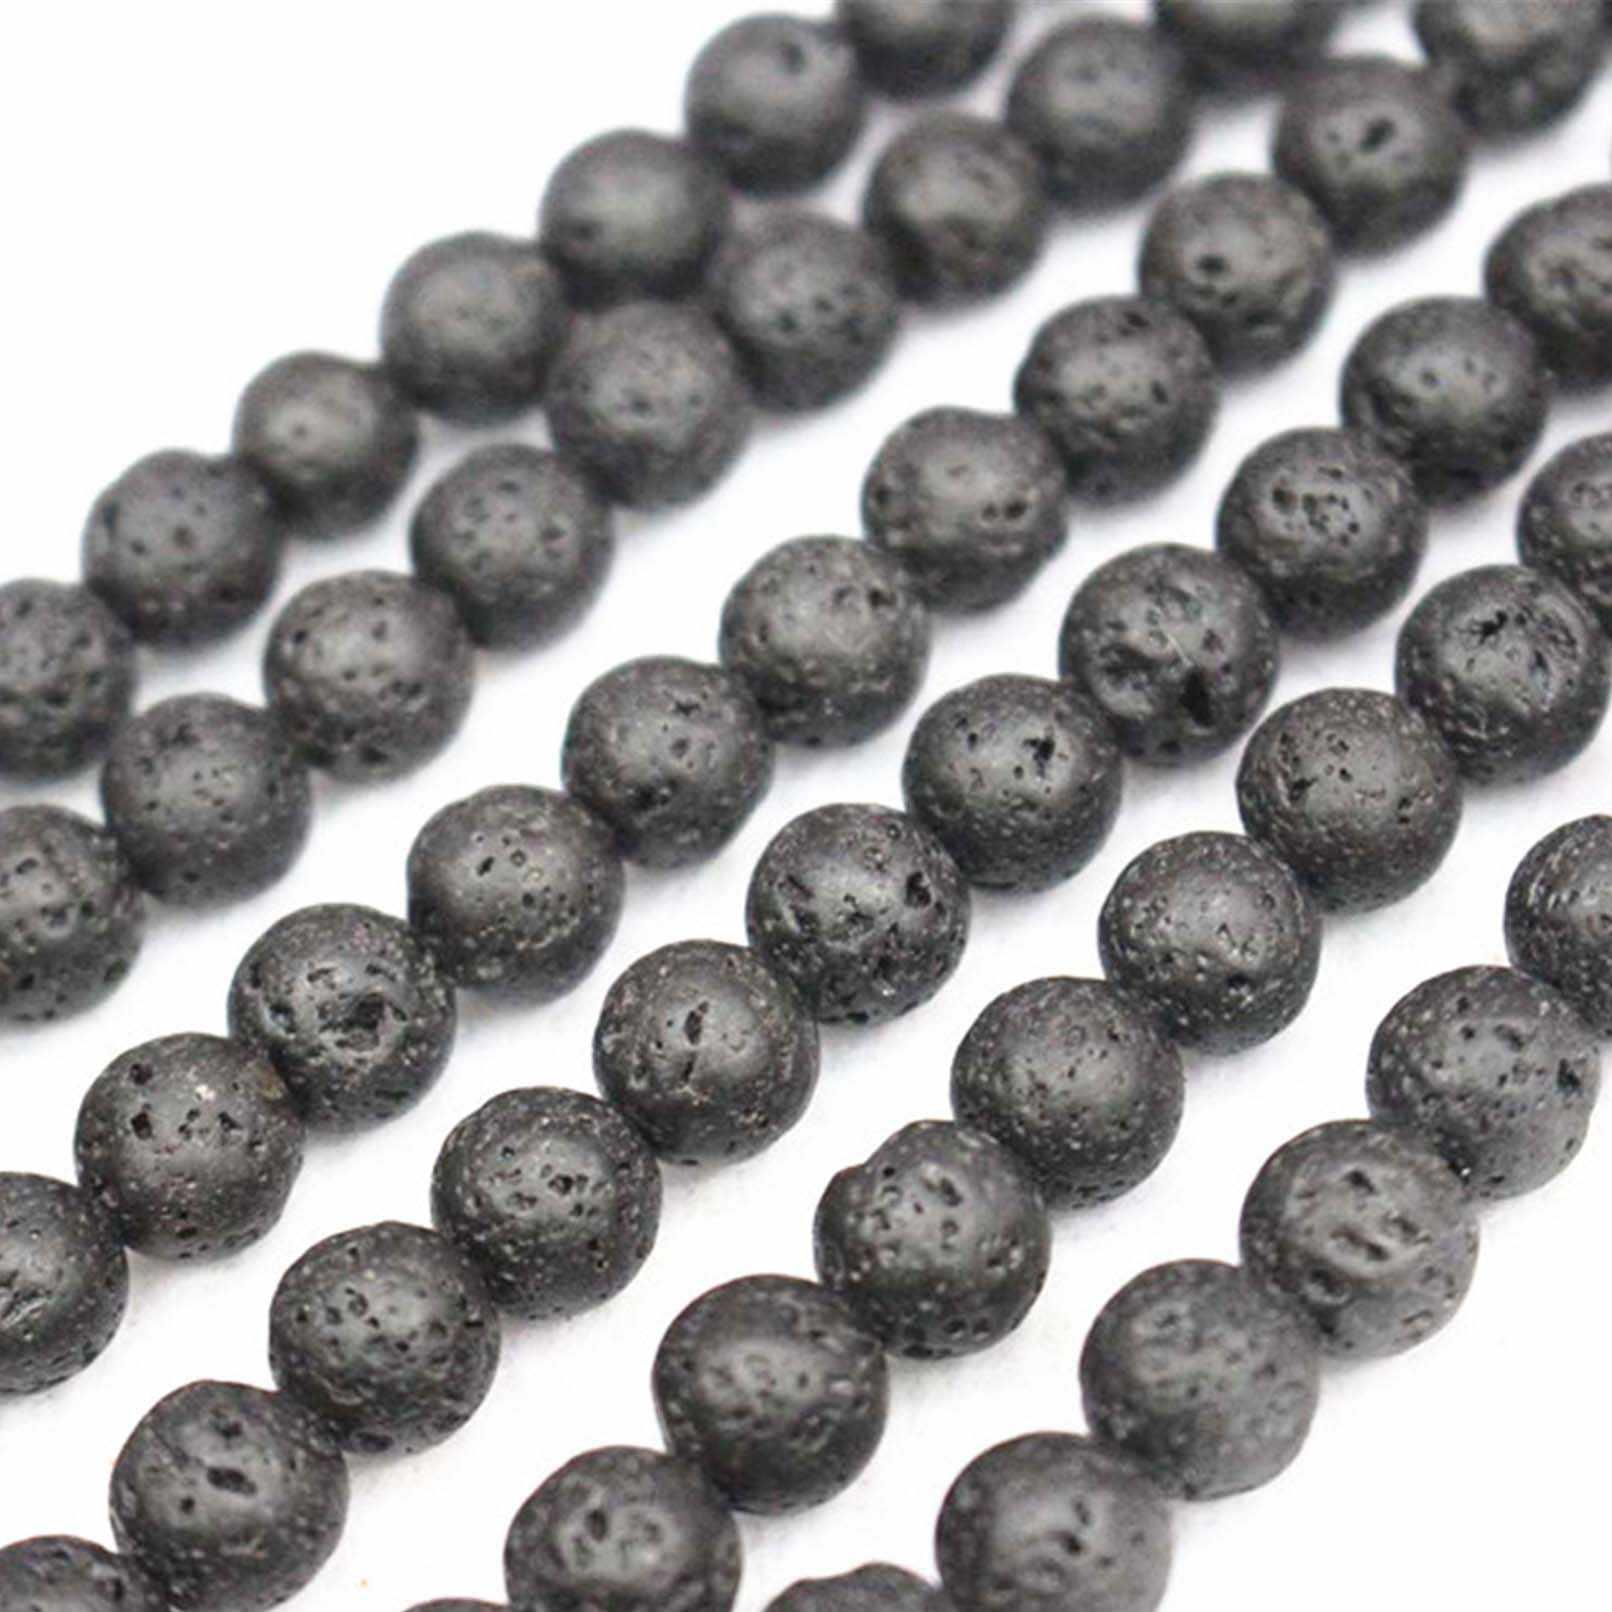 סיטונאי טבעי לבה Loose חרוזים, 4mm 6mm 8mm 10mm 12mm 14mm 16mm סלע וולקני לבה עגול חרוזים. תכשיטי DIY ביצוע חרוזים